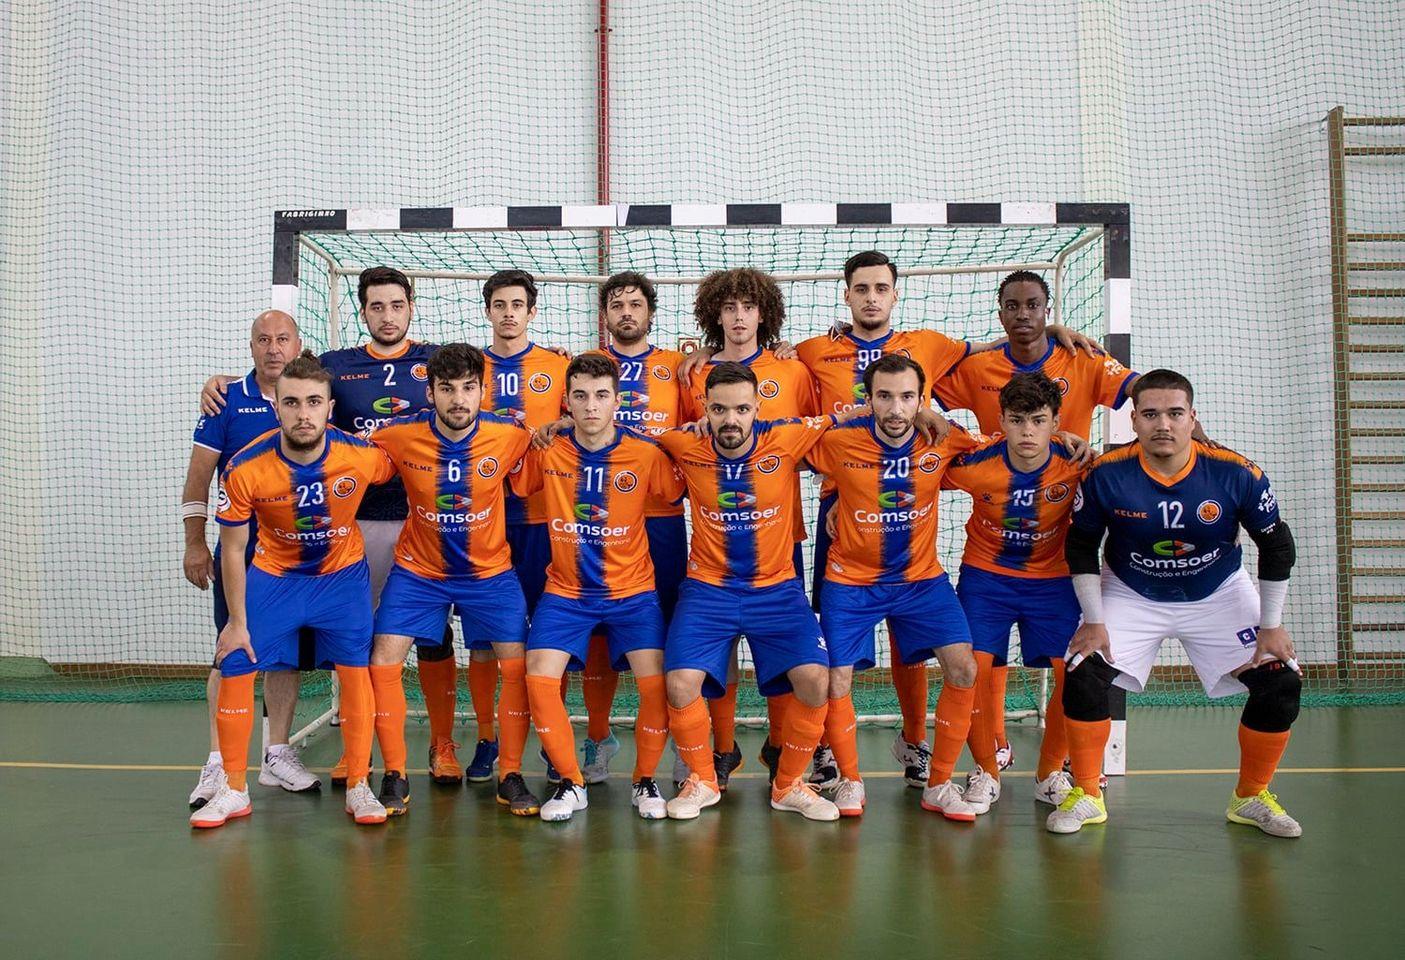 Viseu 2001 B Futsal